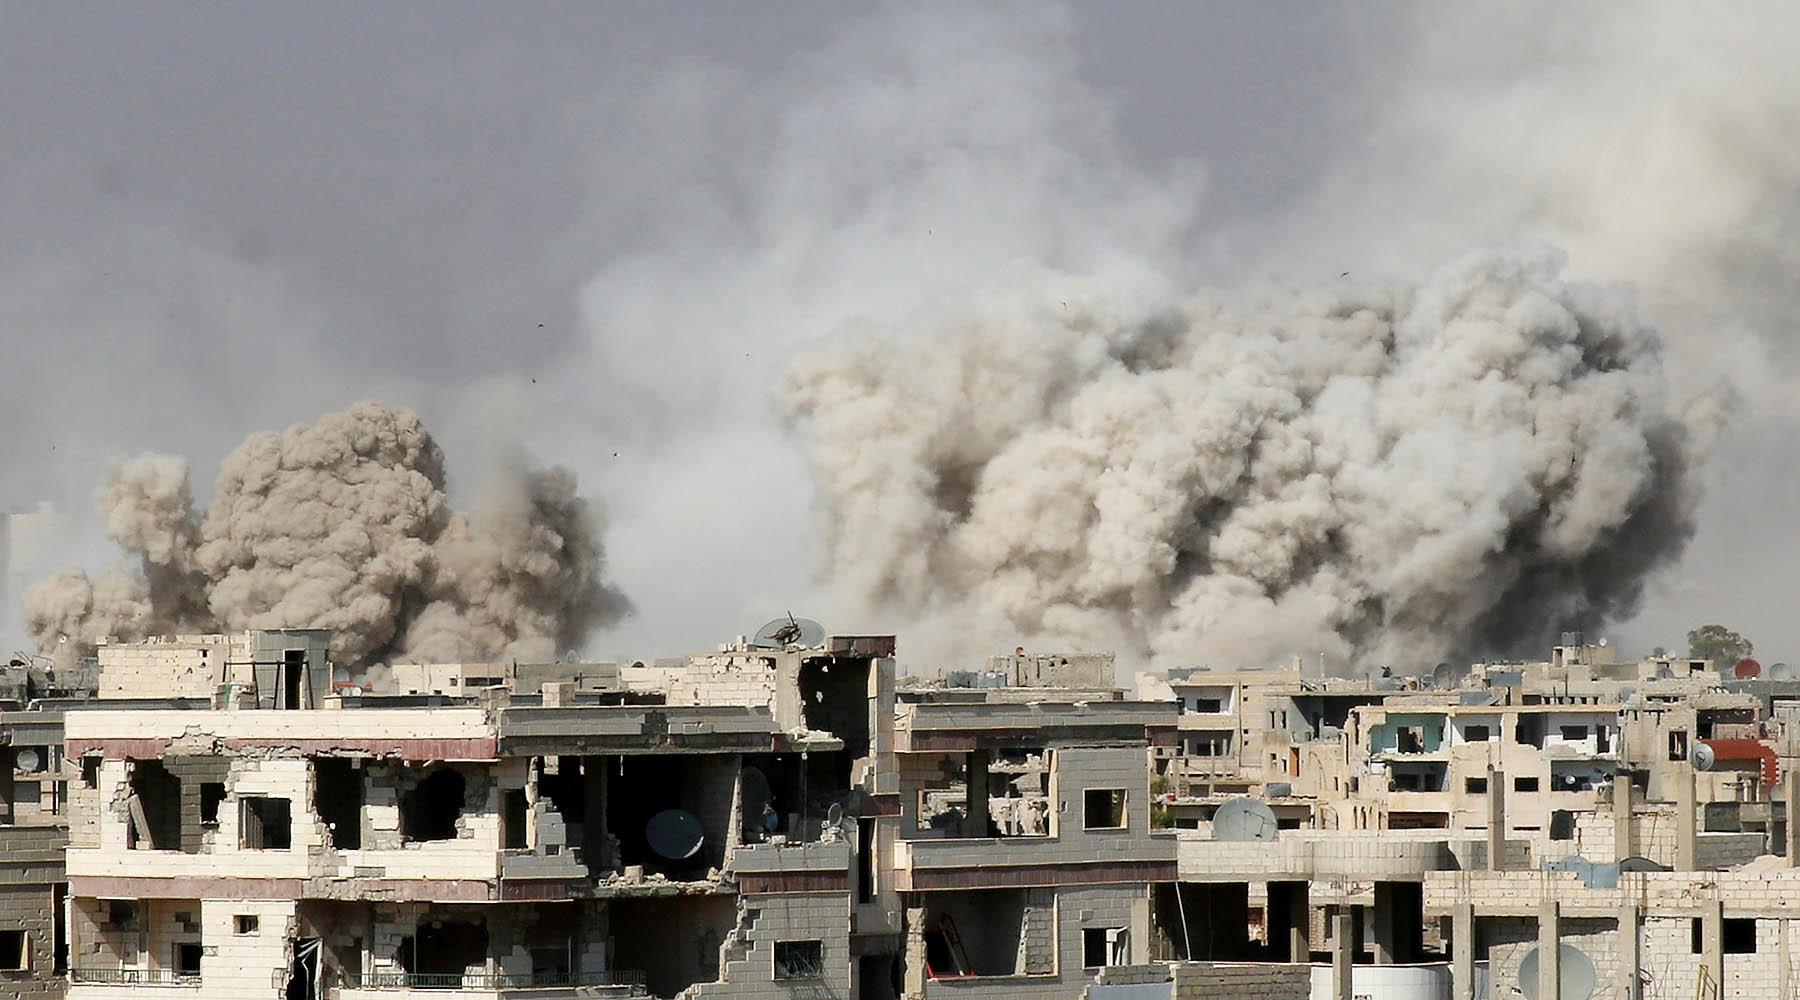 Коалиция во главе с США нанесла удар по проправительственным силам в Сирии